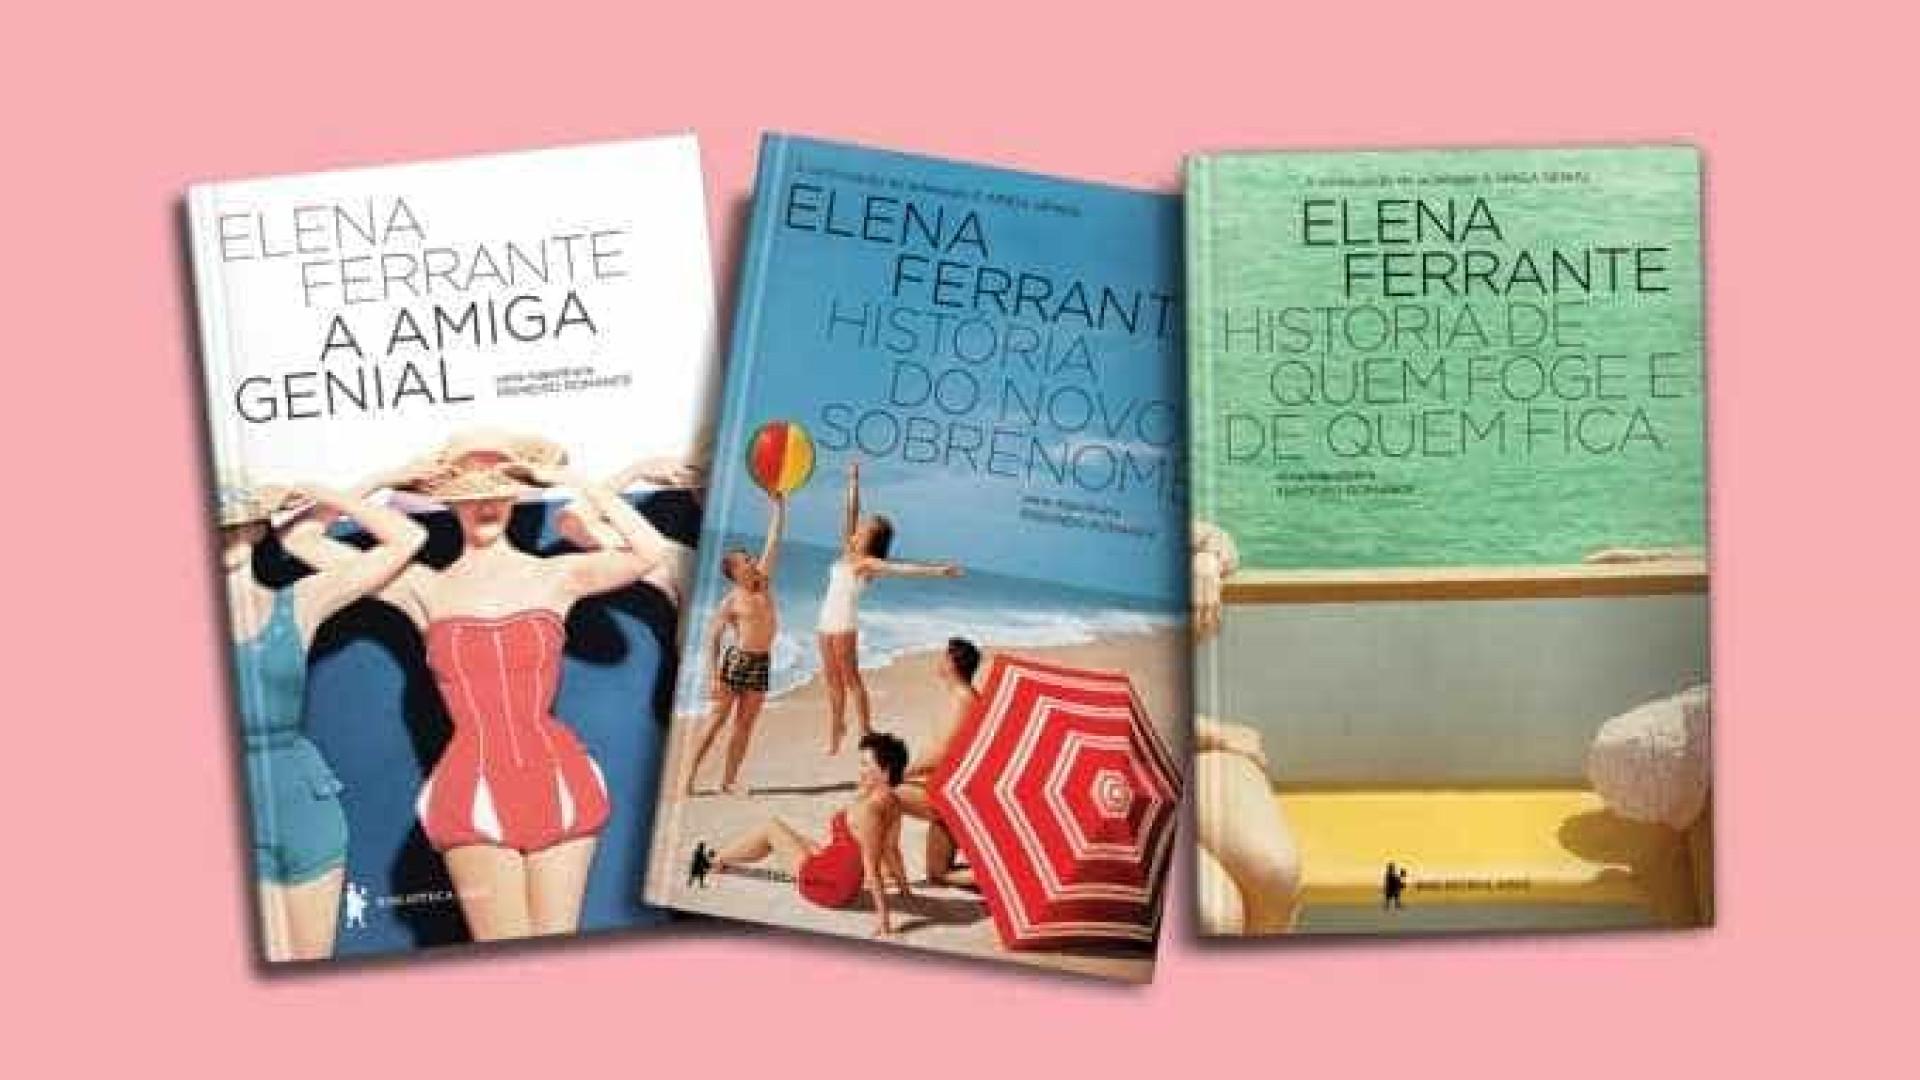 Série de Elena Ferrante será exibida nos cinemas da Itália